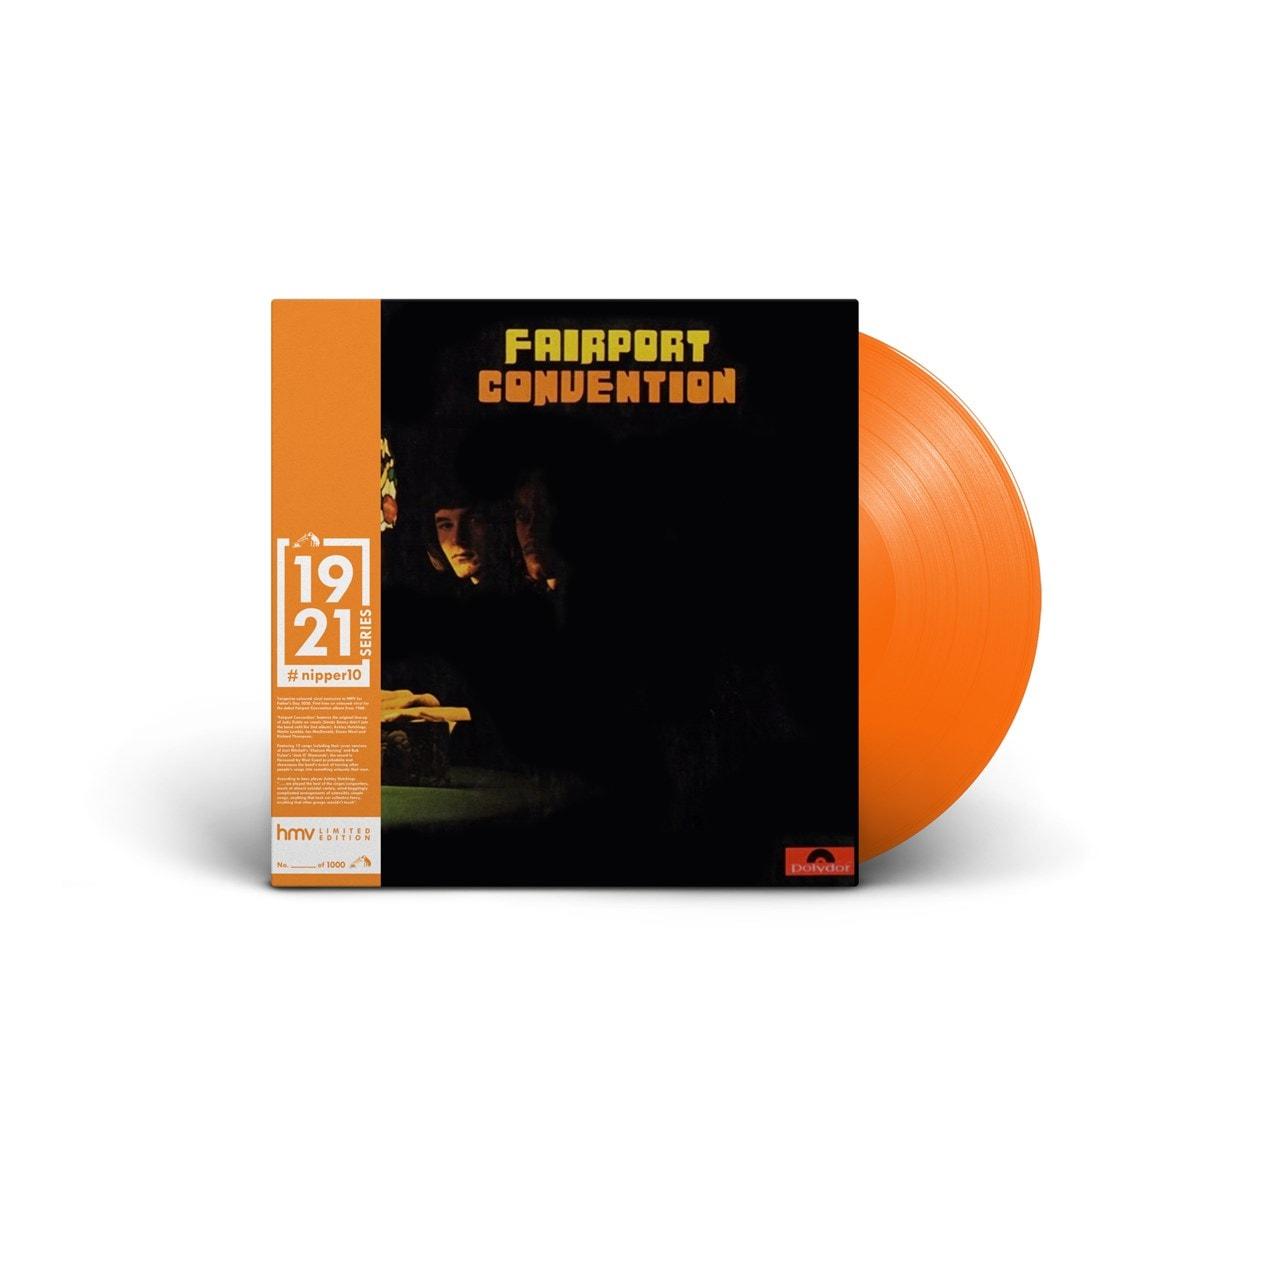 Fairport Convention (hmv Exclusive) 1921 Series Orange Vinyl - 1